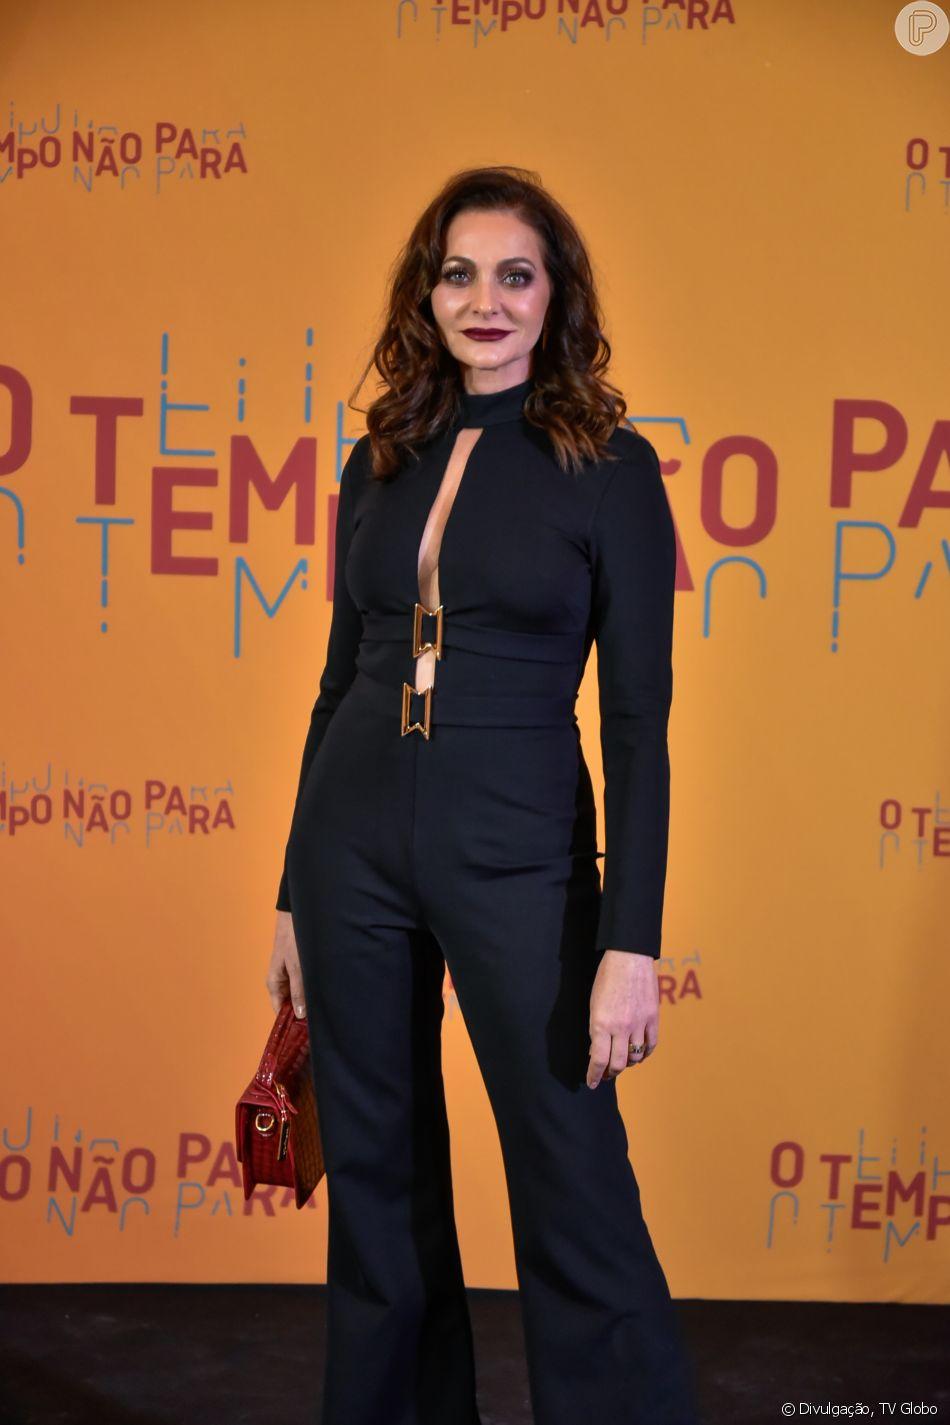 Na festa de lançamento da novela 'O Tempo Não Para', em 16 de julho de 2018, Alexandra Richter foi de macacão Alphorria com decote ousado